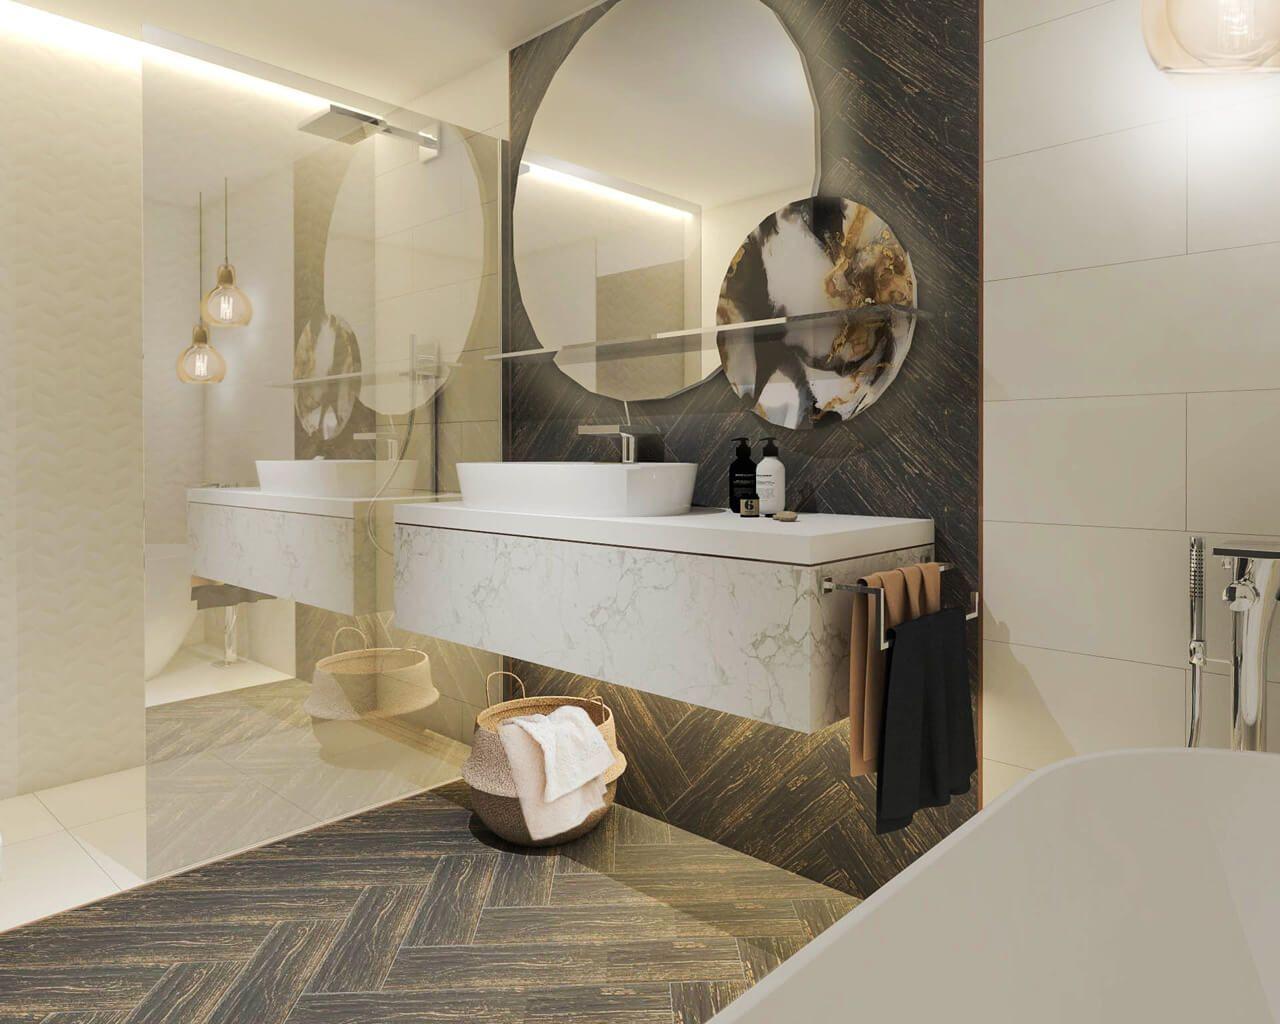 Propozycja Aranżacji łazienki W Prostym Stylu Z Lekką Nutą